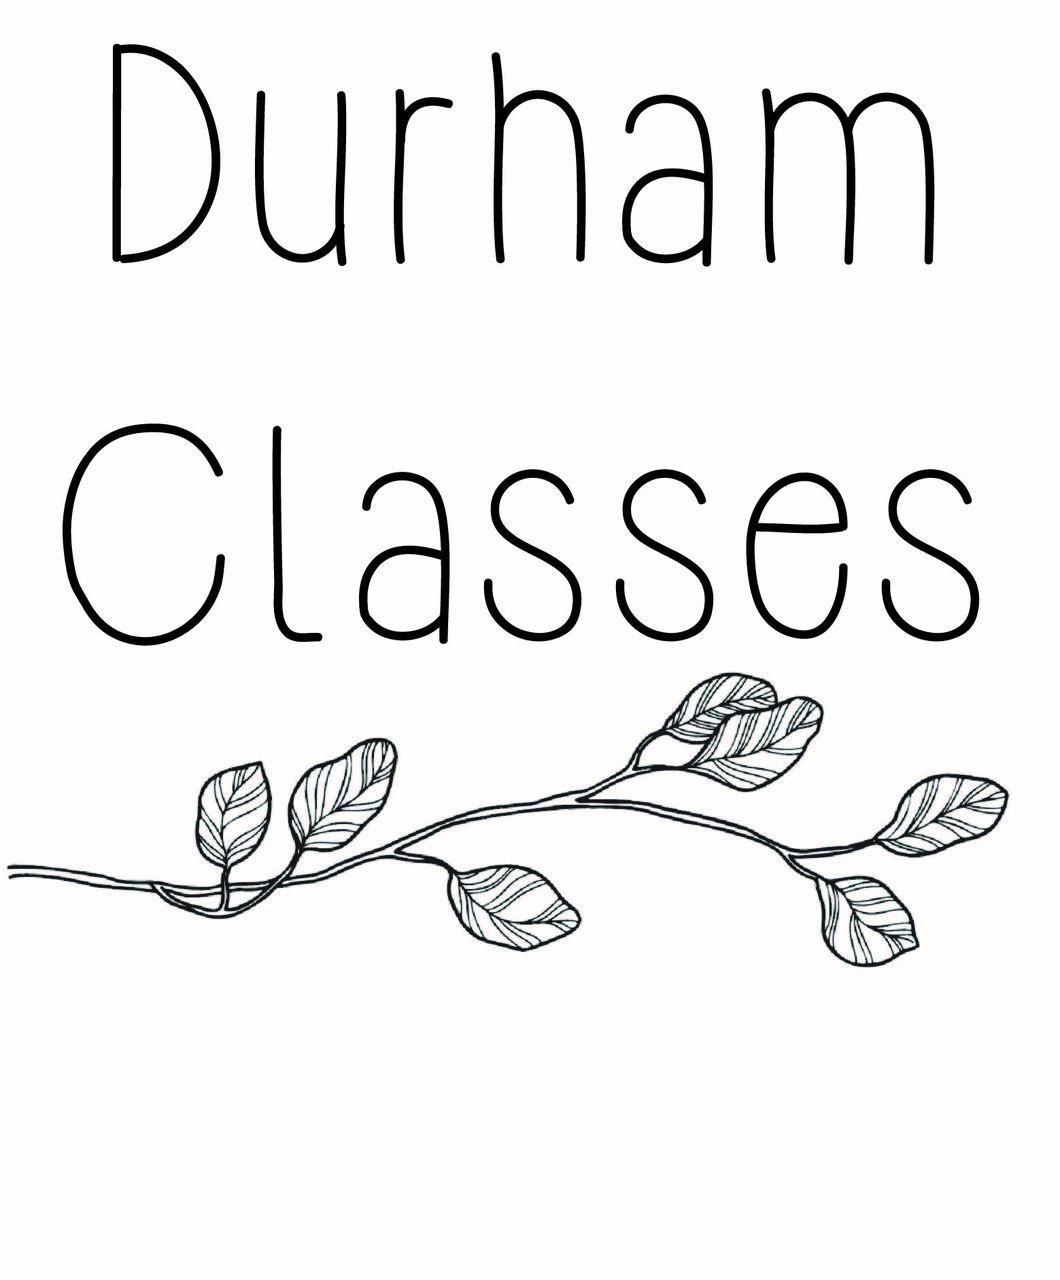 Durham Classes